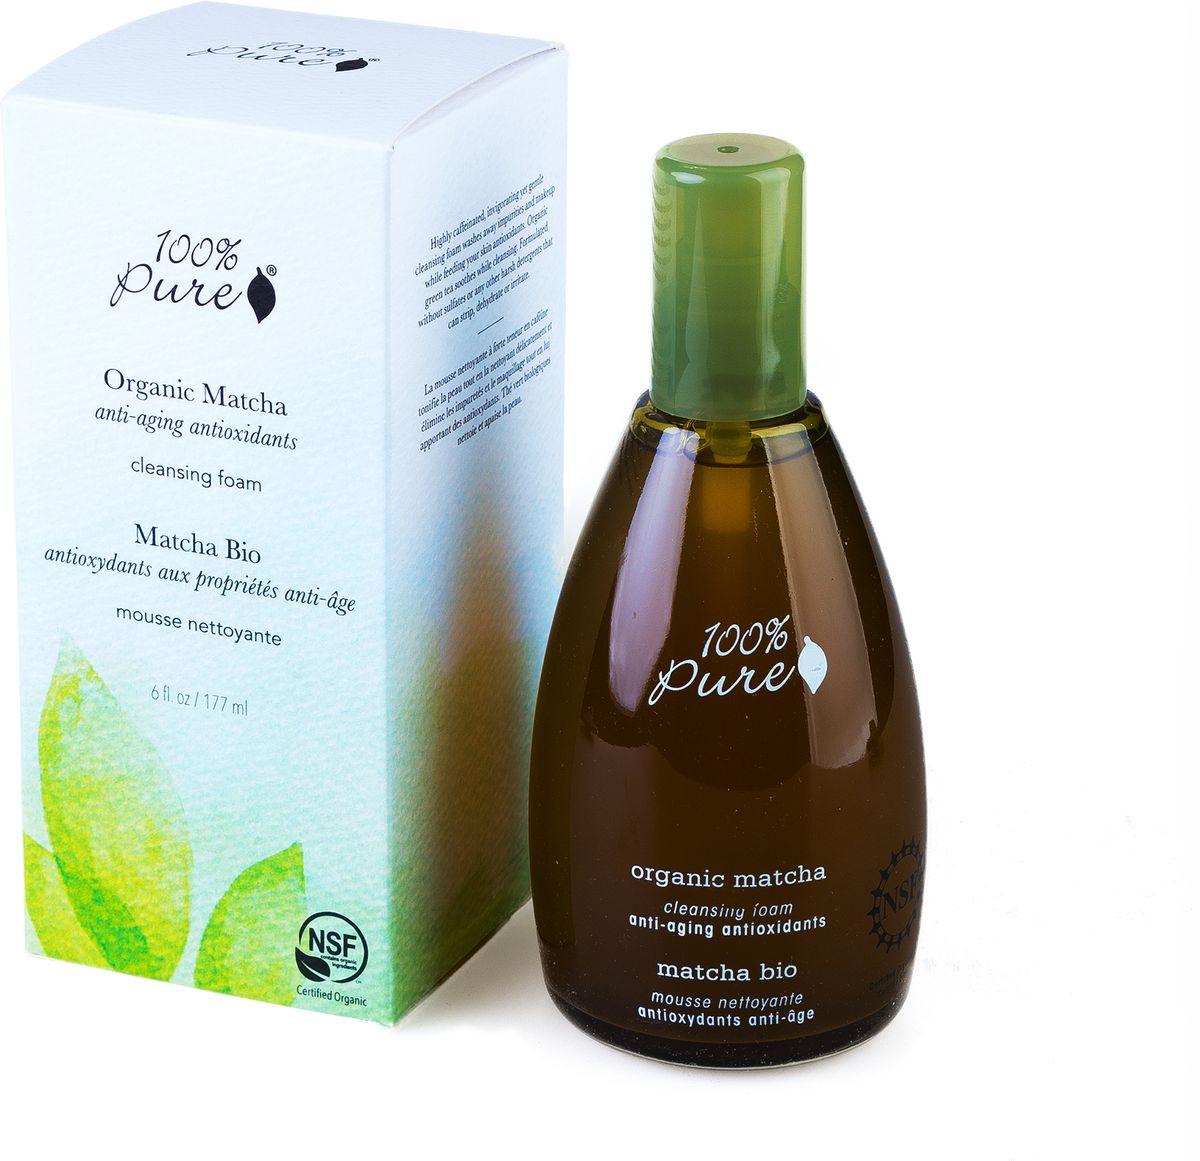 100% Pure Коллекция Зелёный Чай Matcha: Органическая пенка для умывания 177 мл1FCOMCFМультивитамины и антиоксиданты. Cодержащая кофеин, нежная и бодрящая очищающая пенка удаляет загрязнения и остатки макияжа, одновременно насыщая мультивитаминами вашу кожу. Органический зеленый Чай успокаивает и очищает. Пенка не содержит сульфатов и других агрессивных моющих средств. Органическая сертификация NSF.